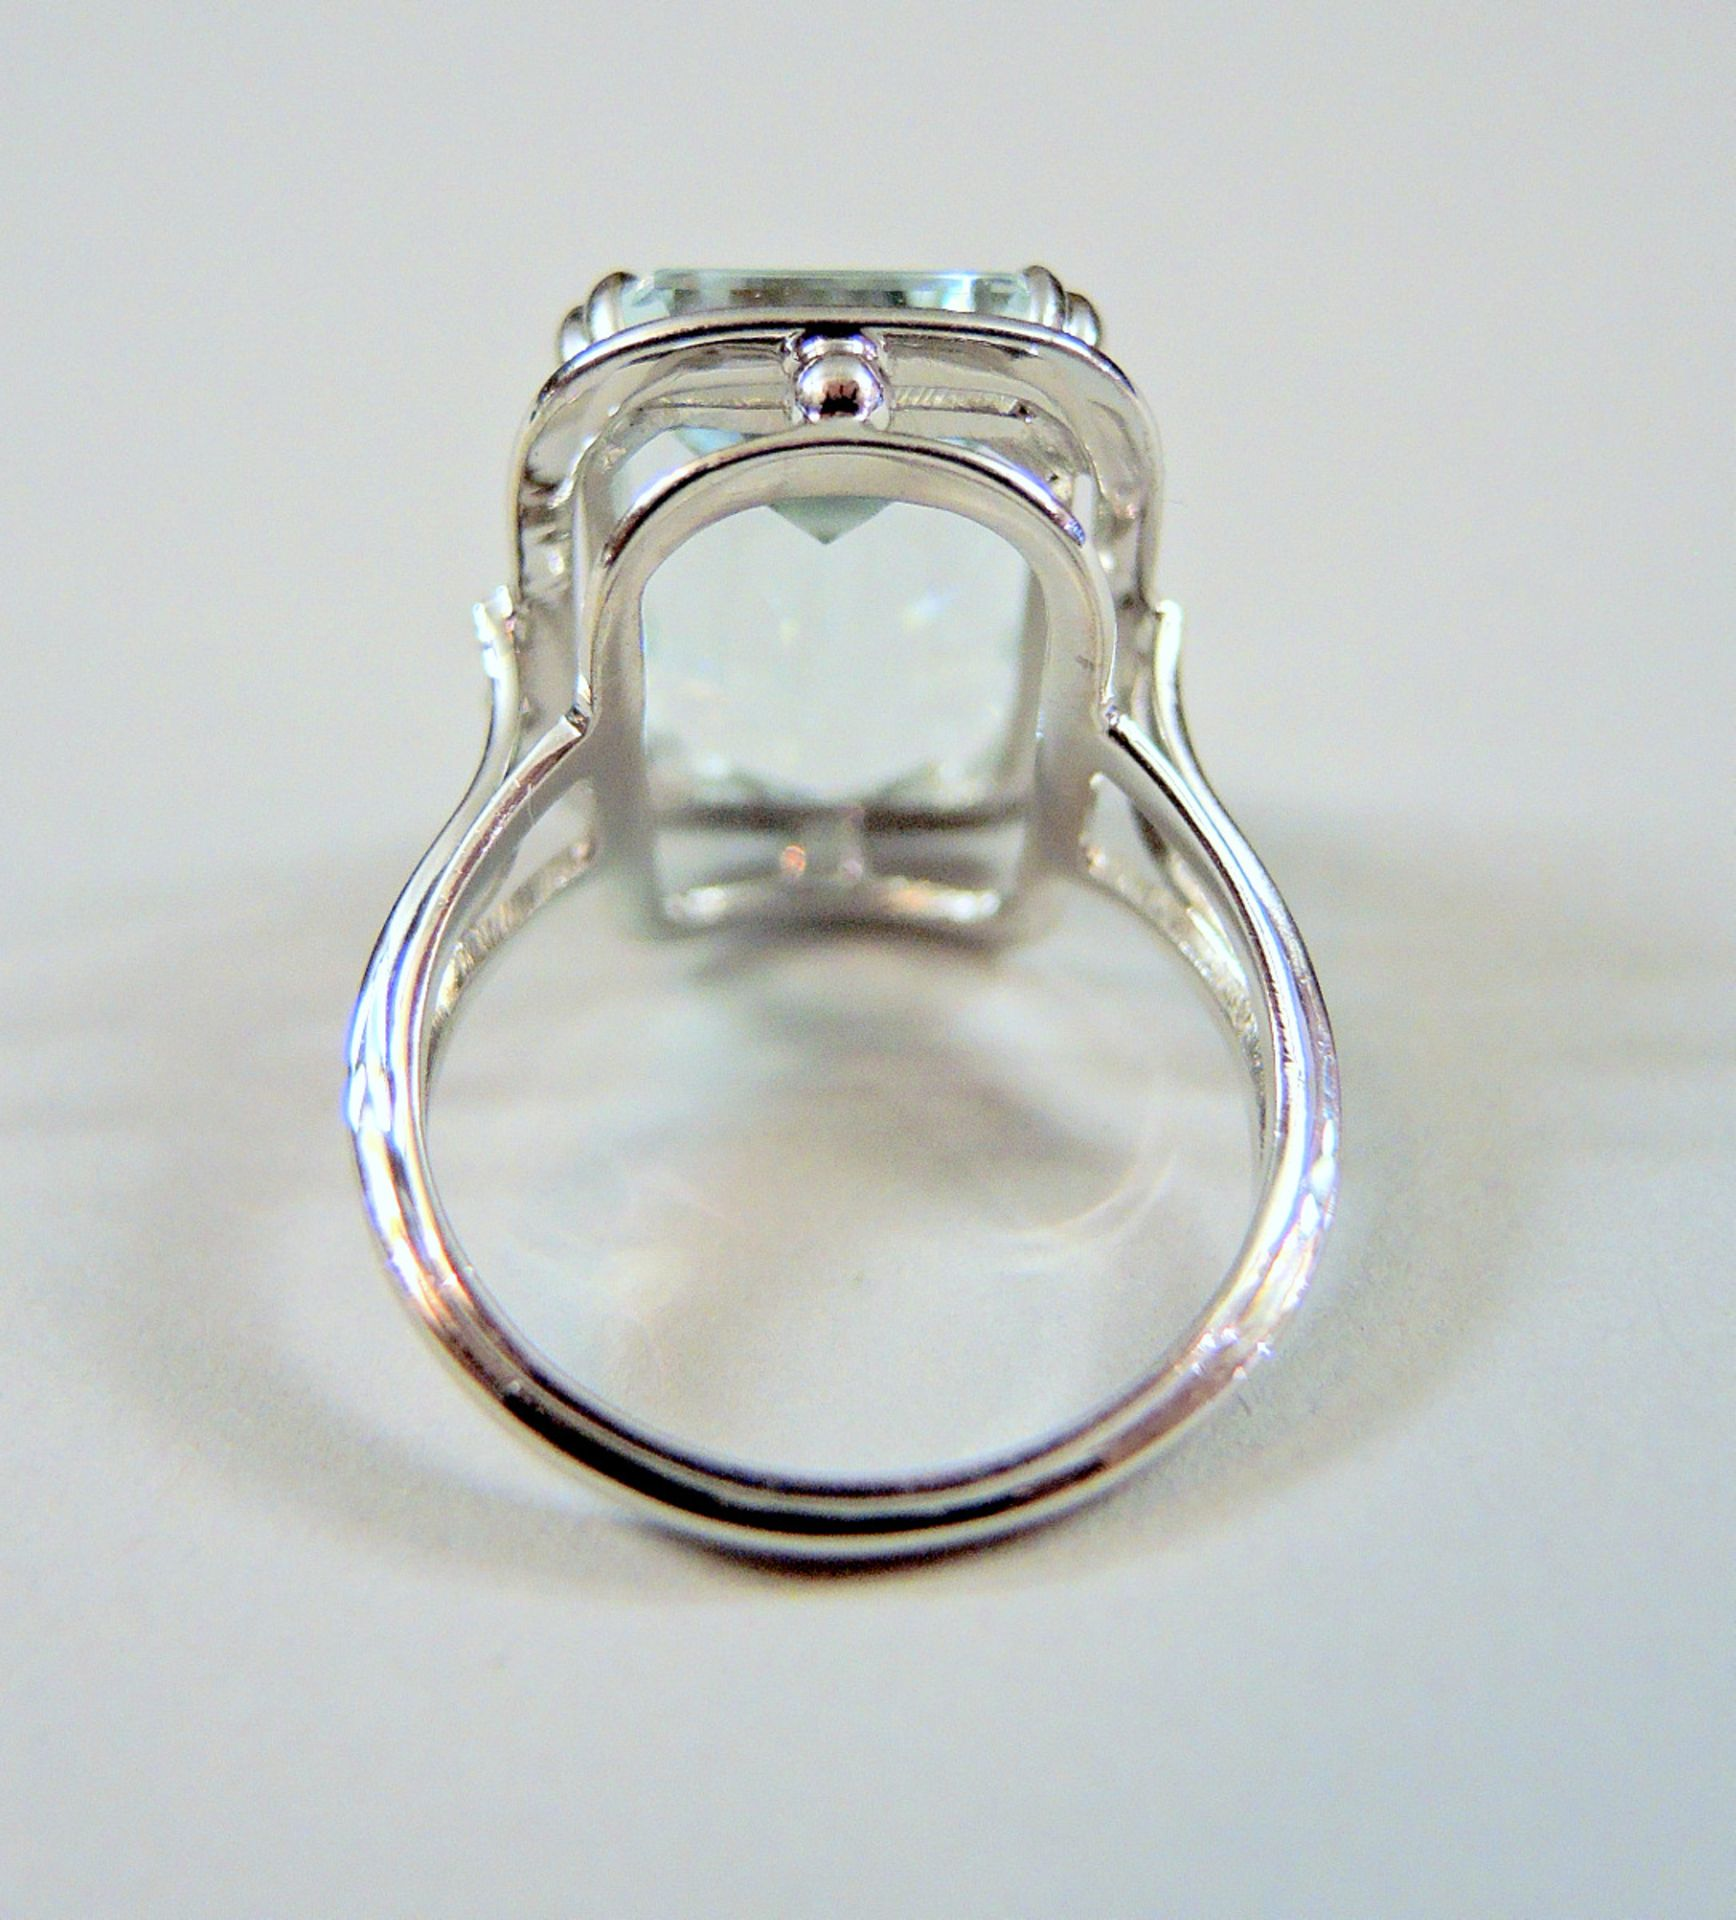 Aquamarin-Ring14 K. Weißgold mit einem großen Aquamarin von ca. 10 ct. Ringgröße 6 - Image 3 of 3